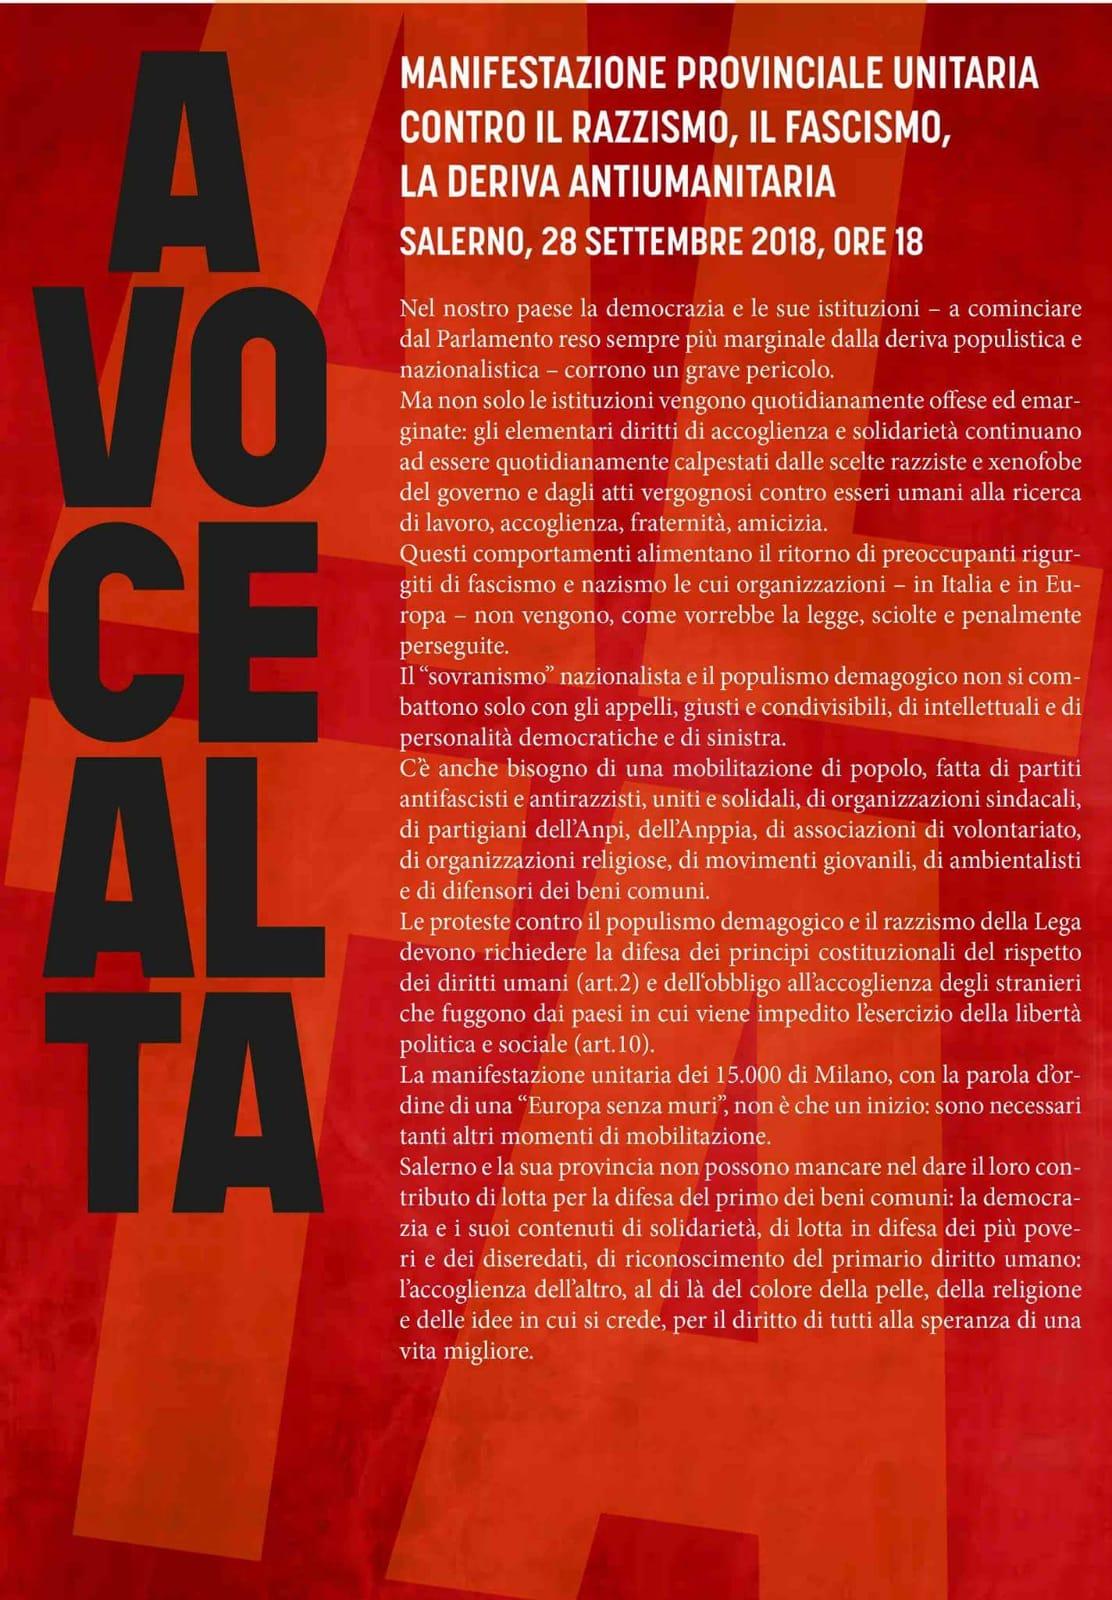 28 settembre manifestazione Antirazzista a Salerno